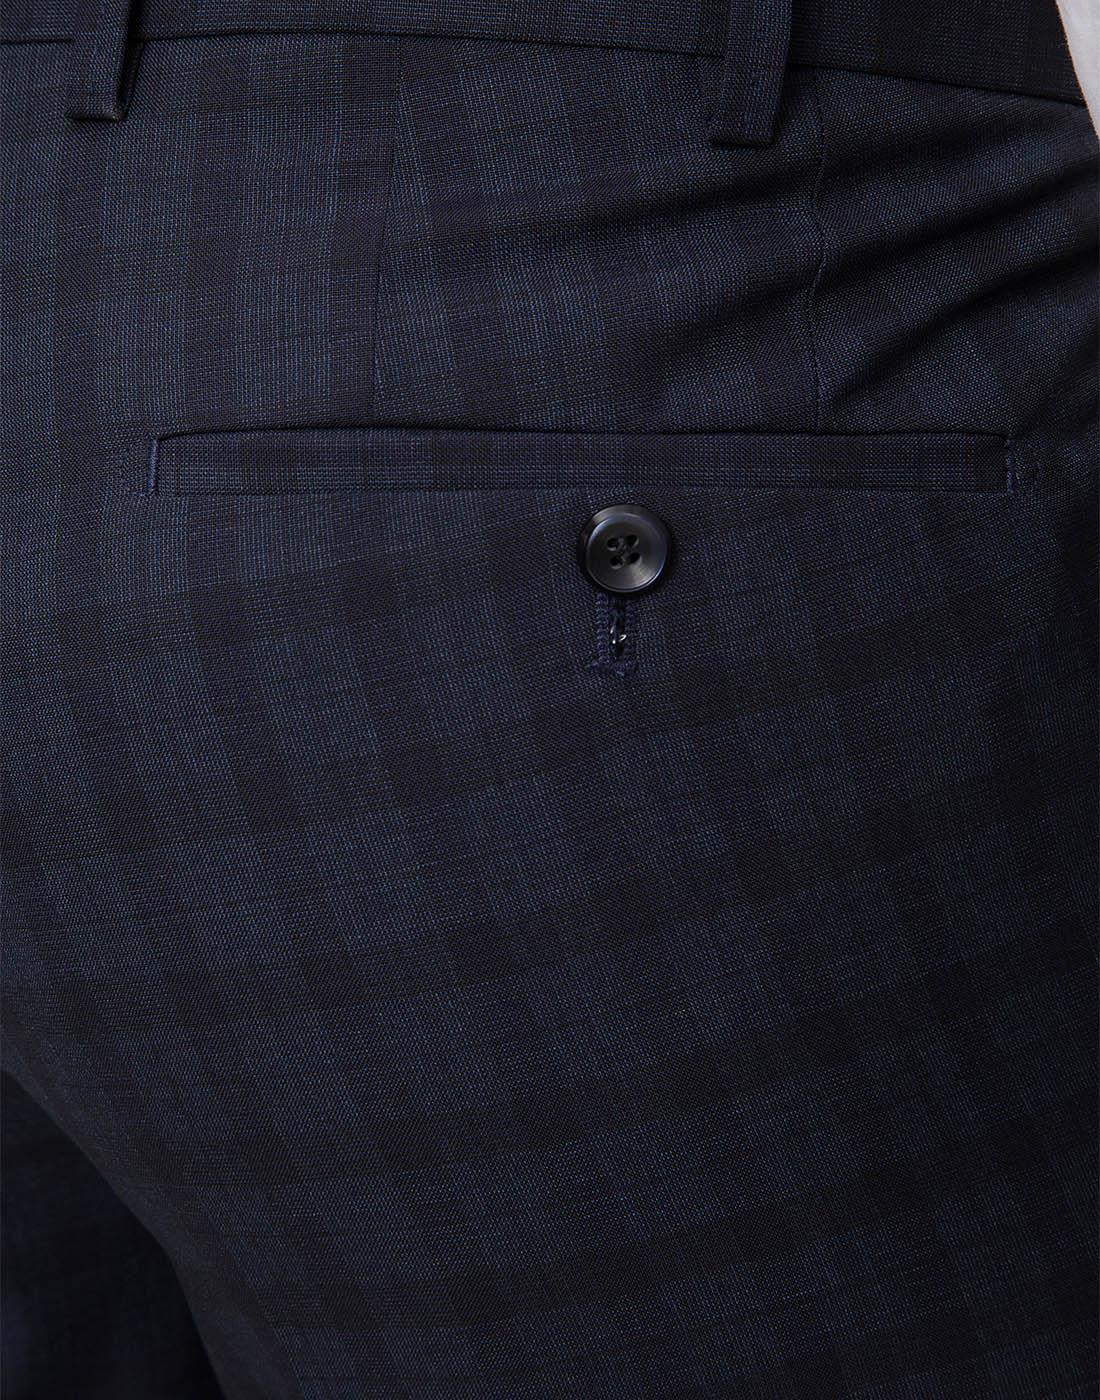 Мужские темно-синие брюки Hiltl  S13173 40 34600-5